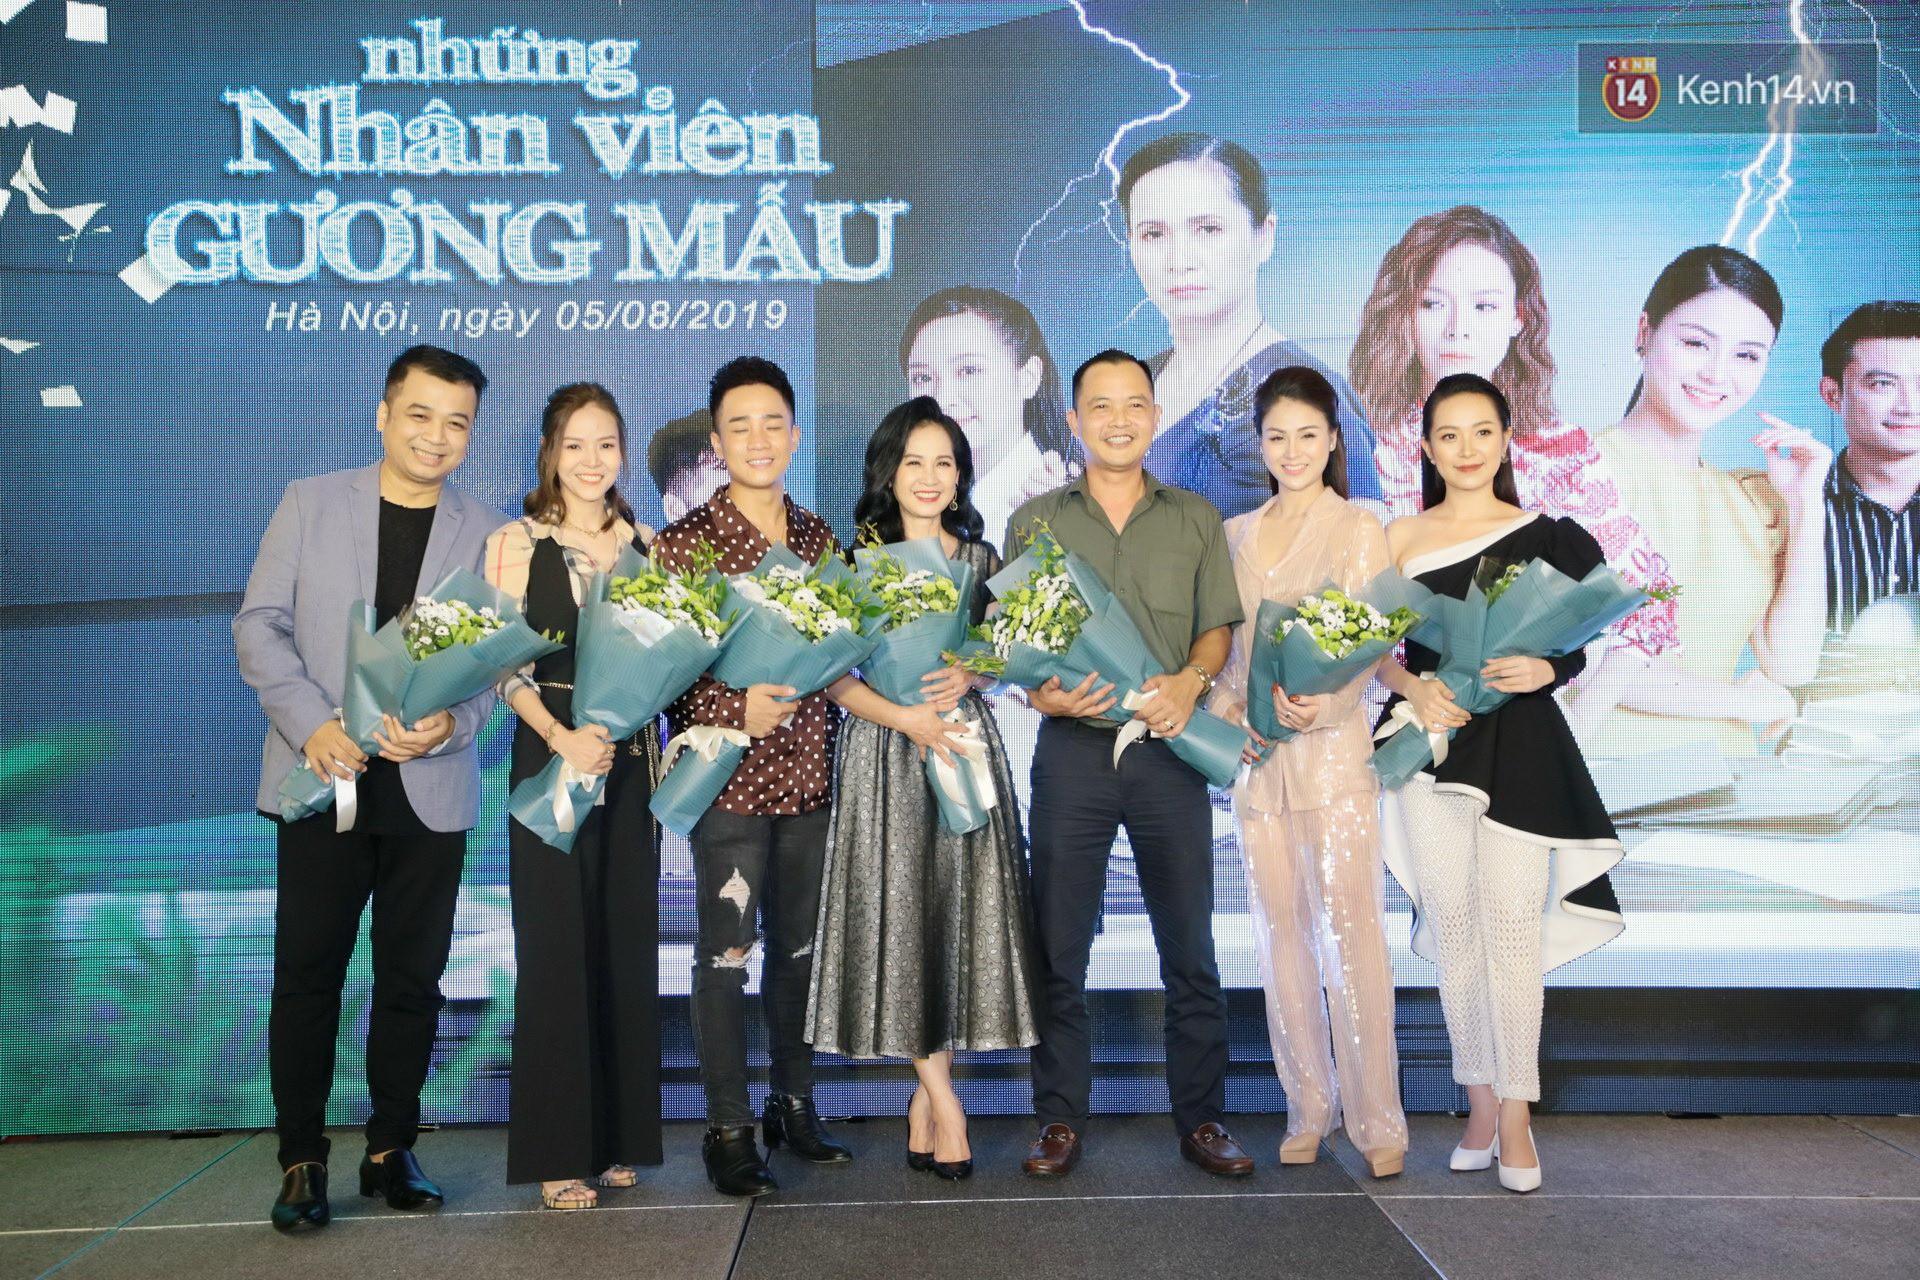 Diện đầm xòe công chúa, mẹ chồng quốc dân Lan Hương chặt đẹp dàn mỹ nhân phim nối sóng Về Nhà Đi Con - Ảnh 1.